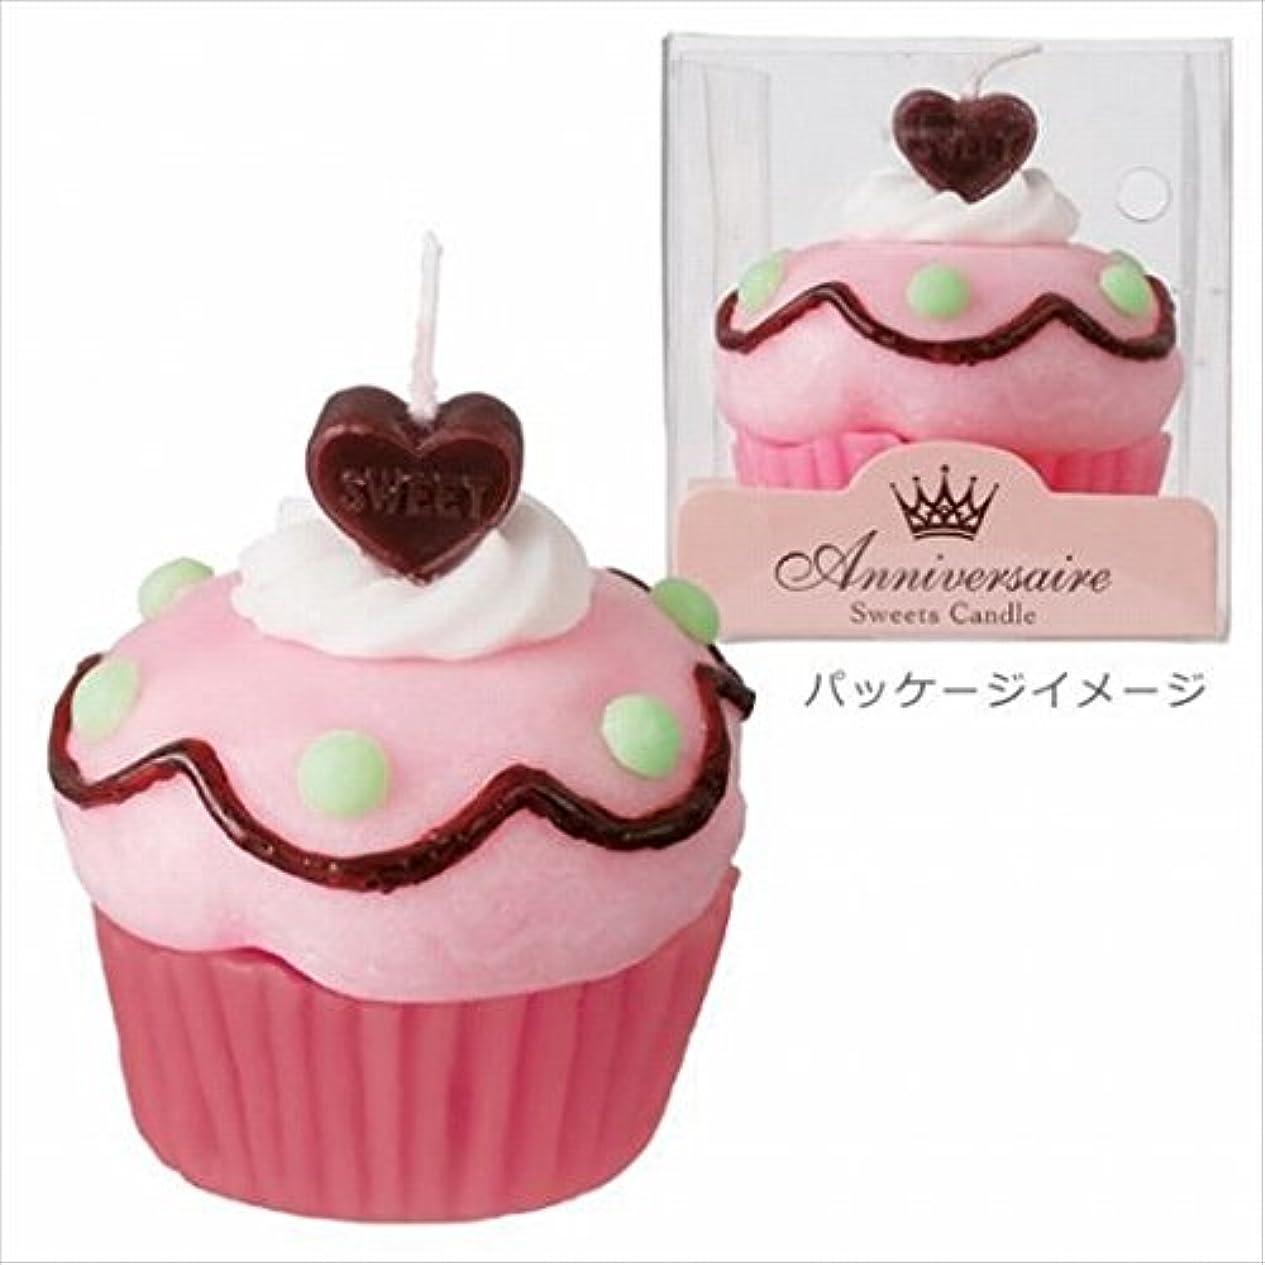 どこにも郵便大いにカメヤマキャンドル( kameyama candle ) カップケーキキャンドル 「 チェリードット 」